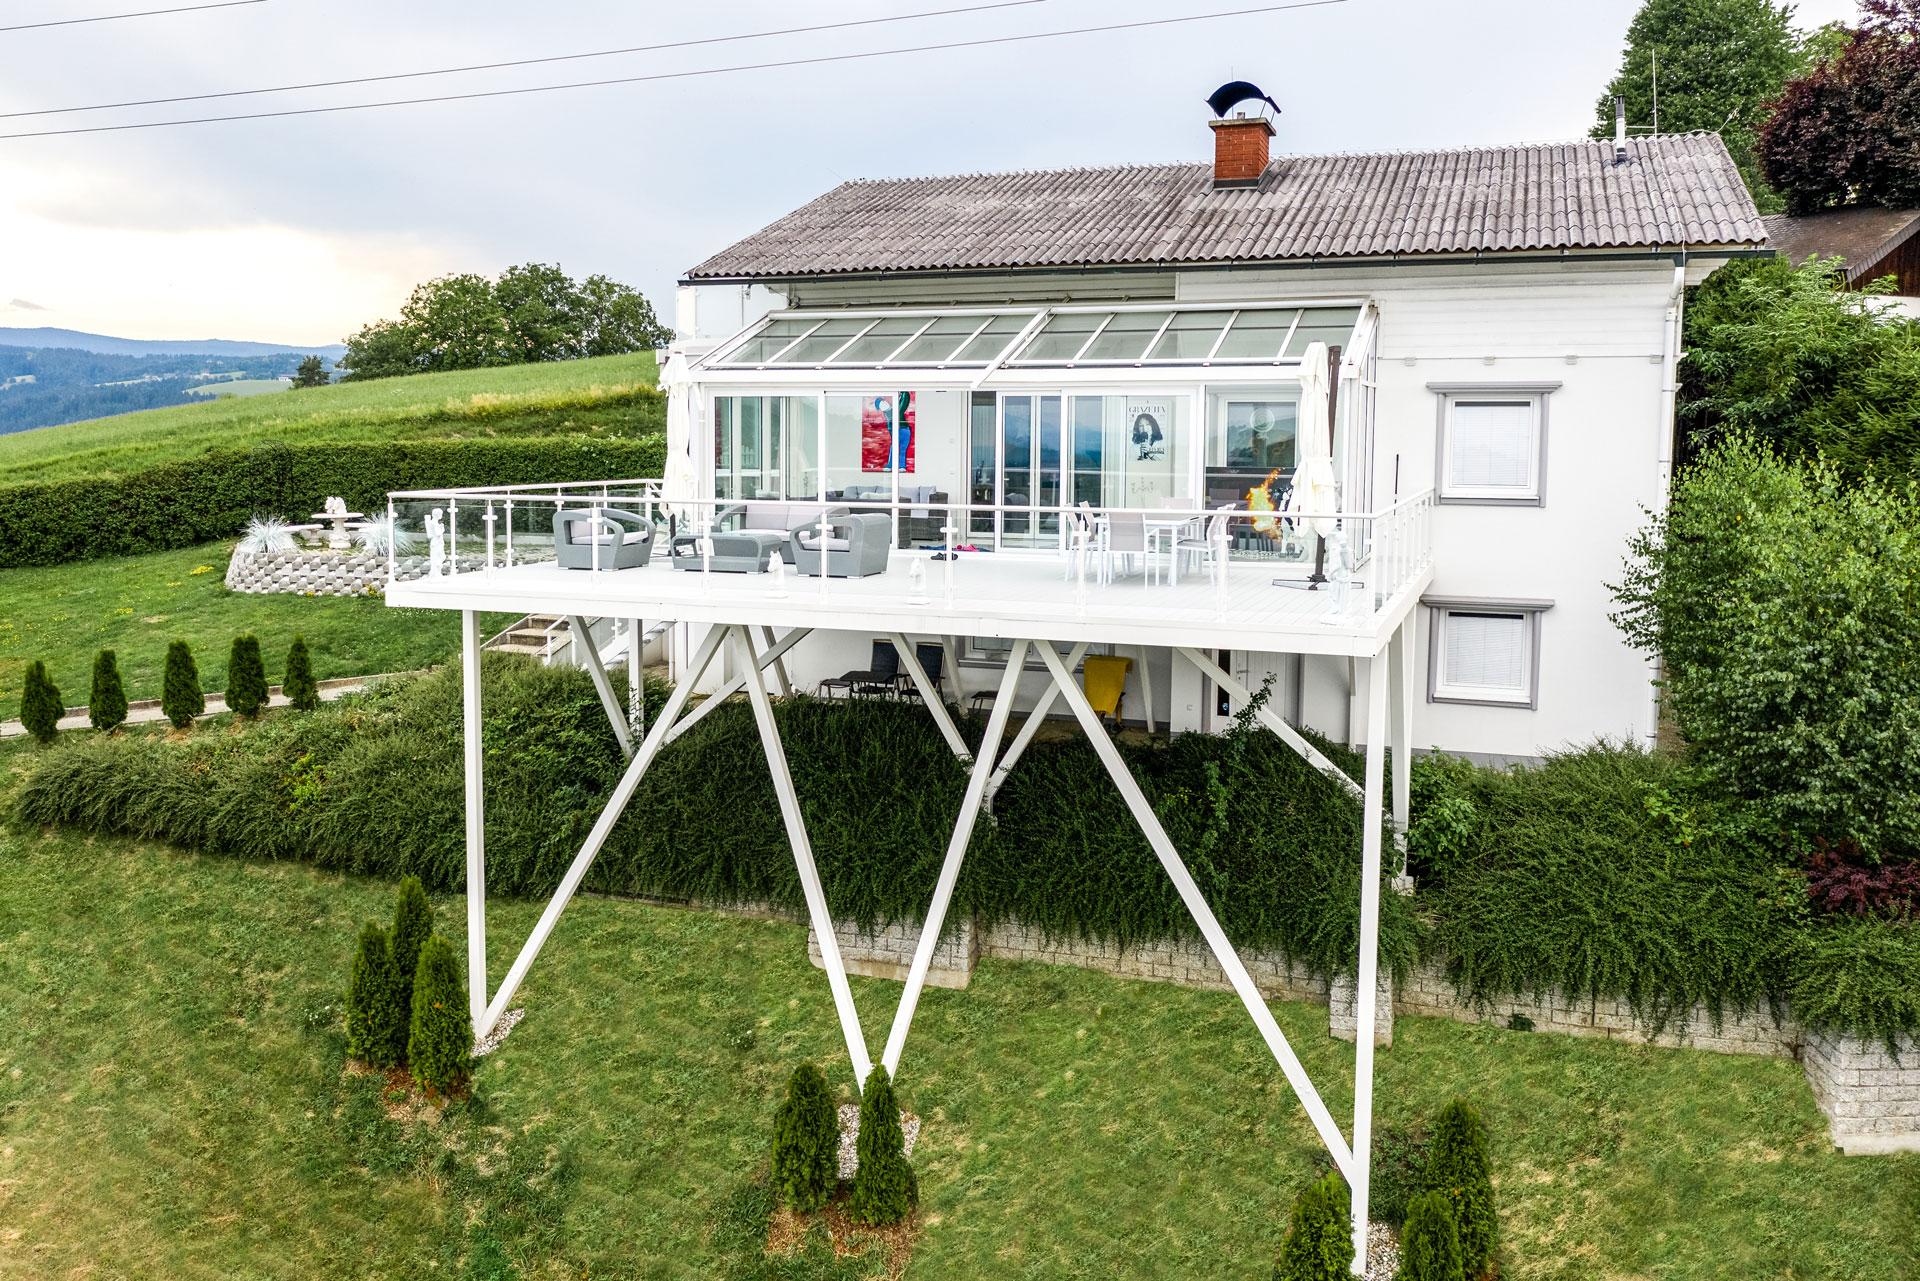 Zubau 17 e   Drohnenbild weiße XXL-Terrasse aus Alu mit Sommergarten und Alu-Glas-Geländer  Svoboda